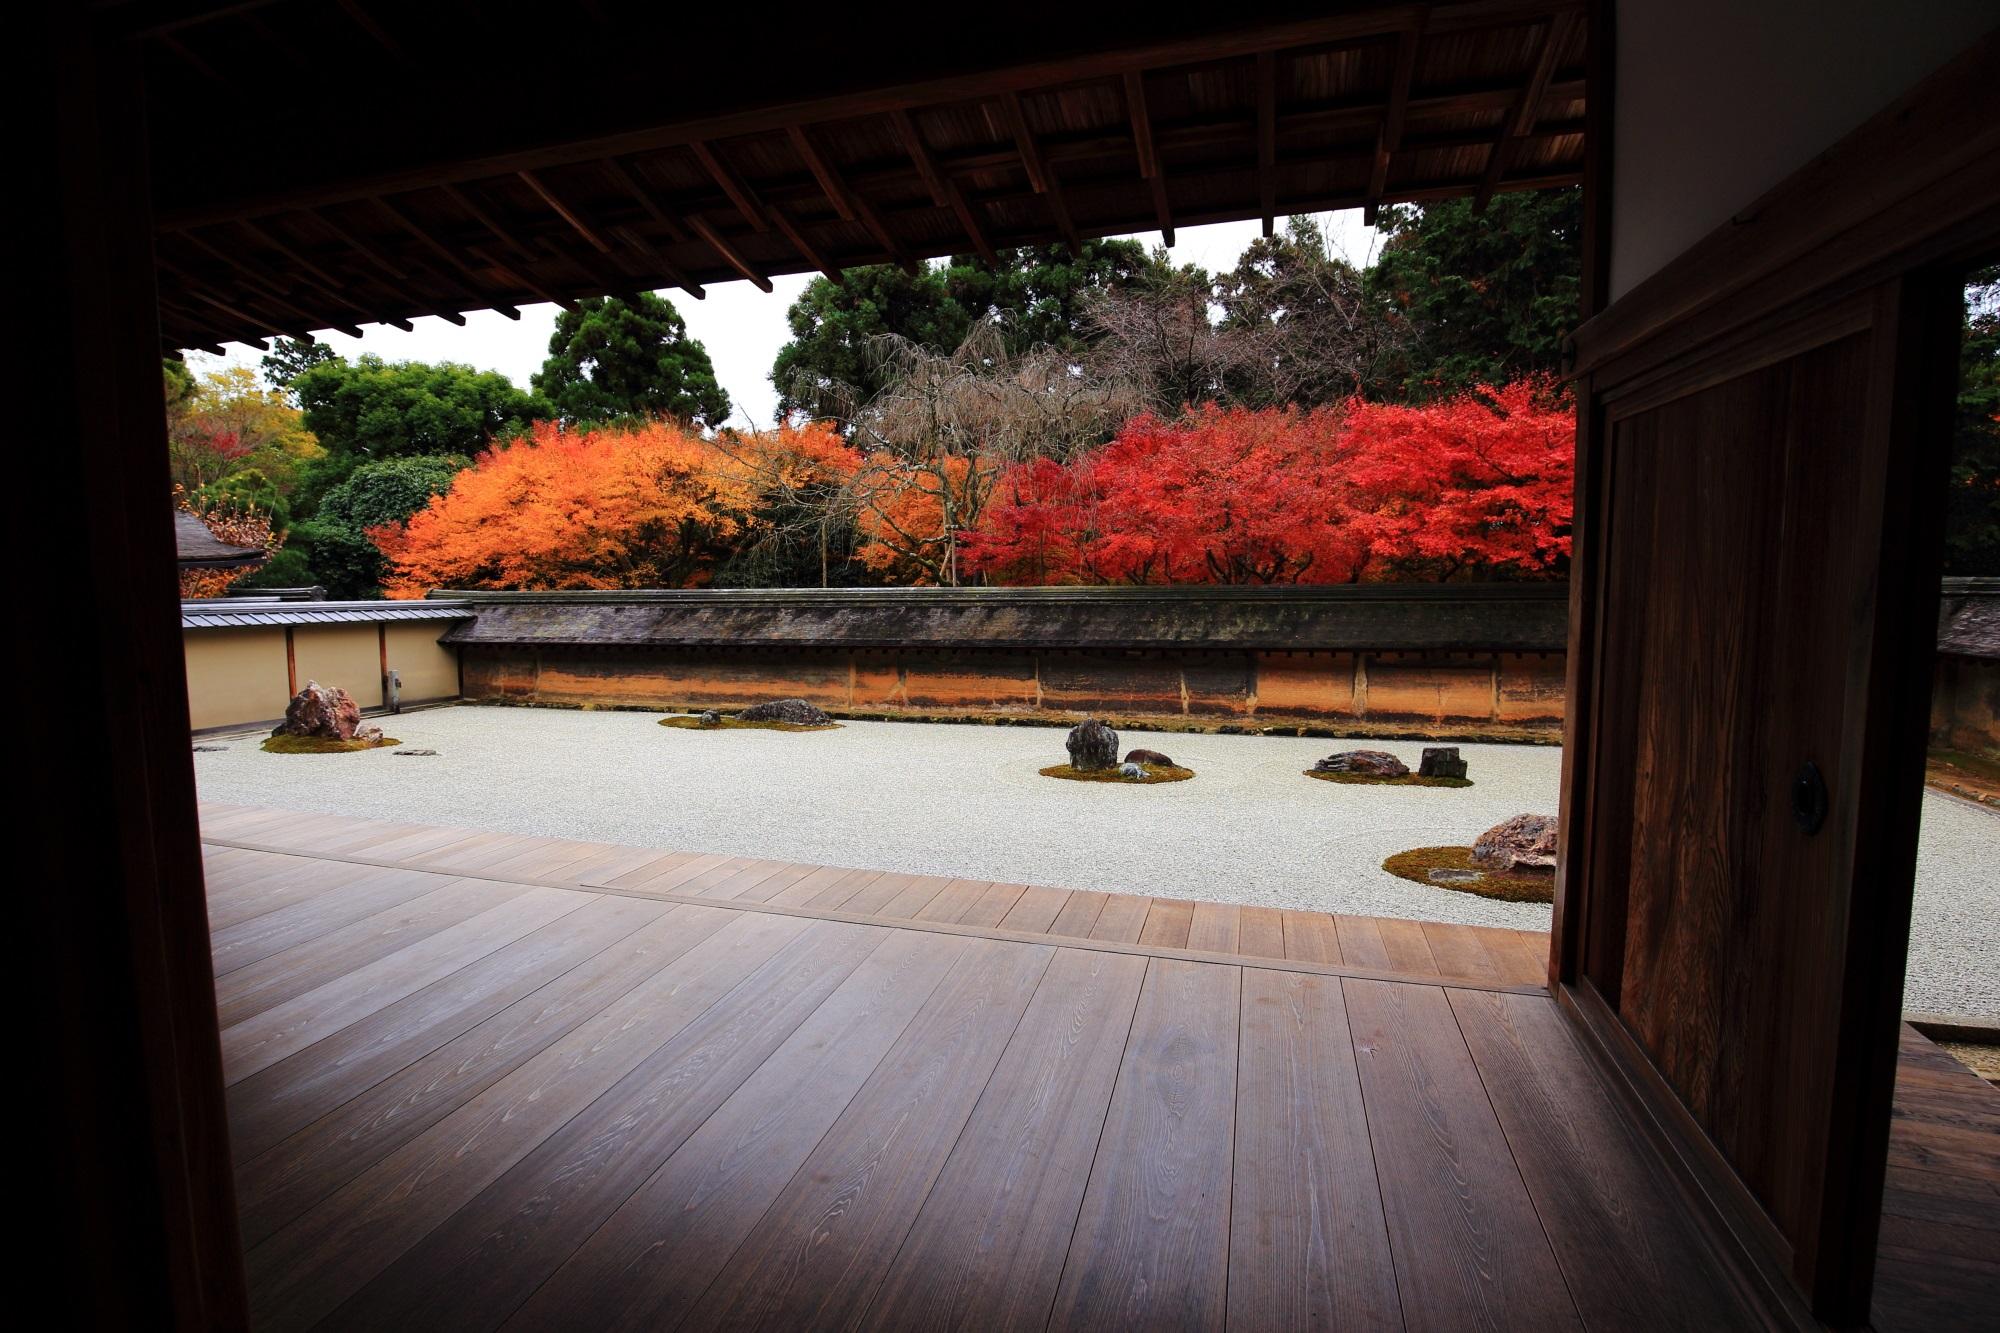 龍安寺の石庭の見事な二色の紅葉